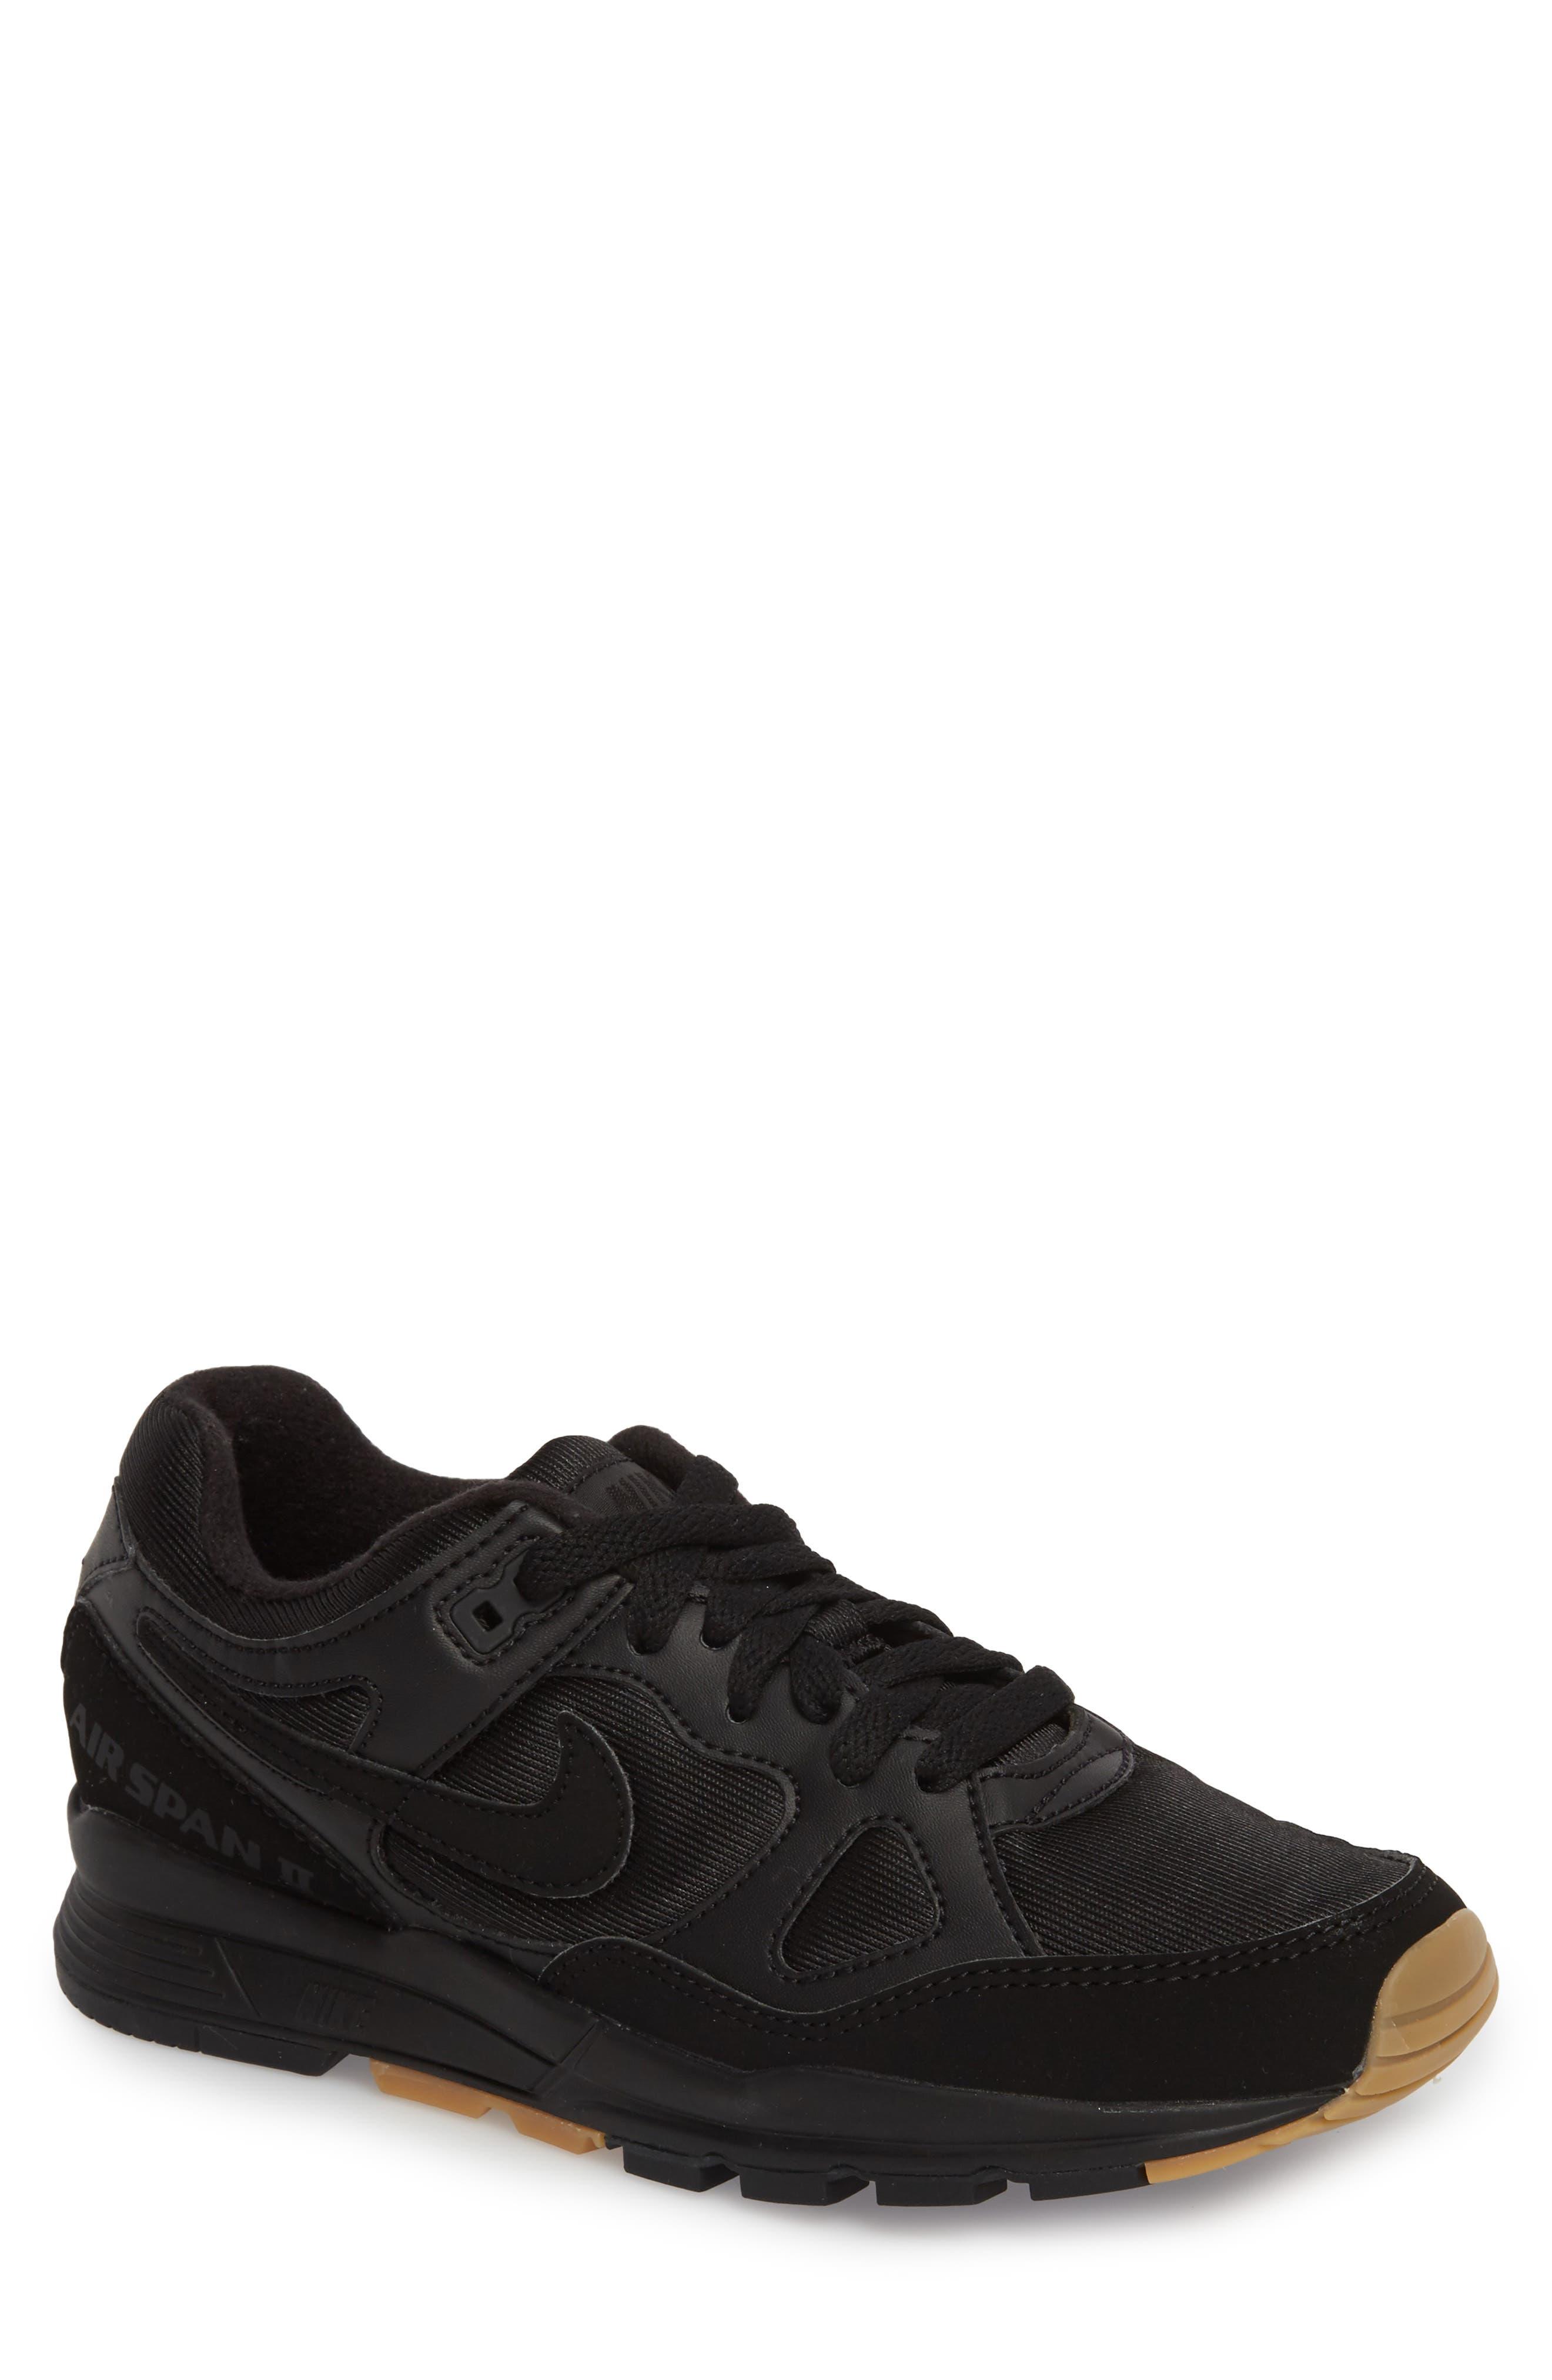 Air Span II Sneaker,                             Main thumbnail 1, color,                             BLACK/ BLACK/ BLACK